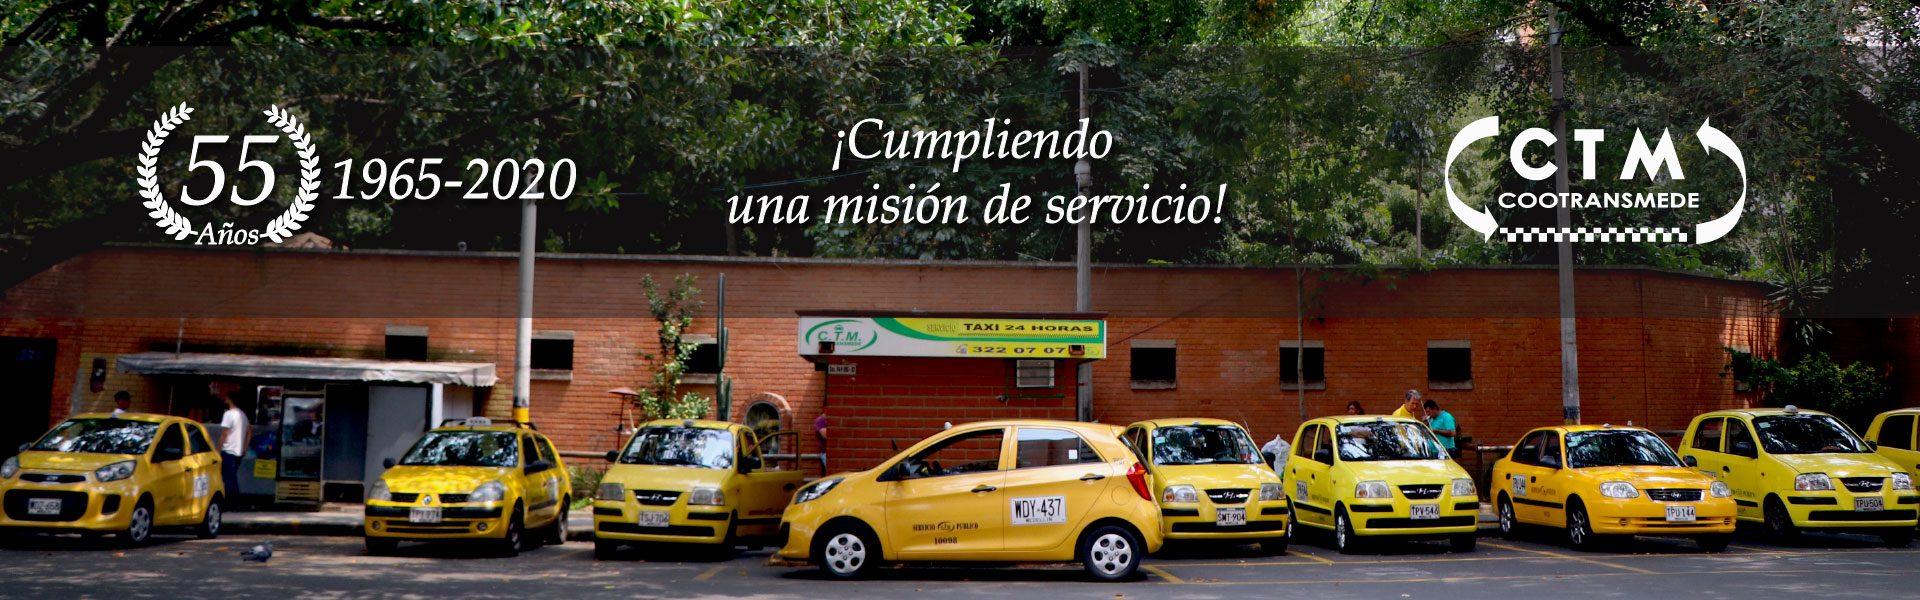 banner-55años3